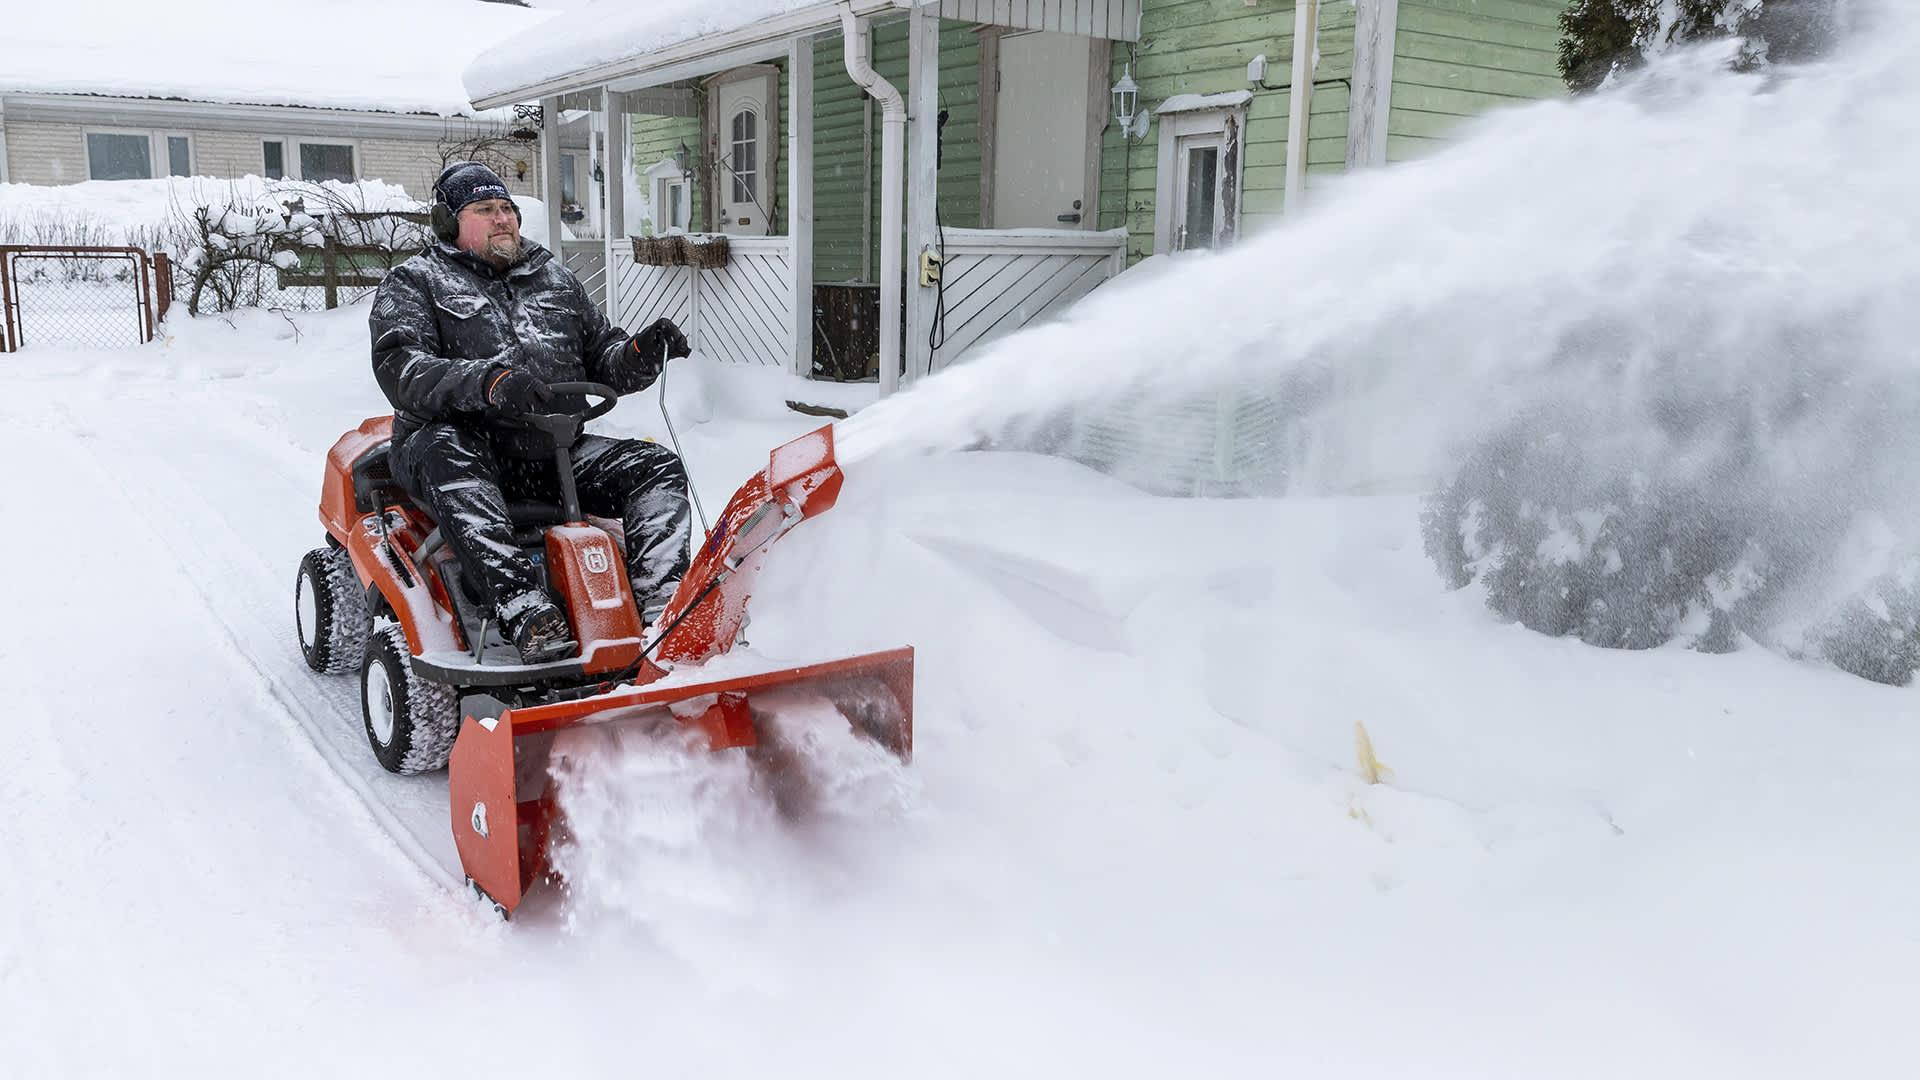 Mies ajaa lumilingolla omakotitalon pihassa. Lunta lentää torvesta.